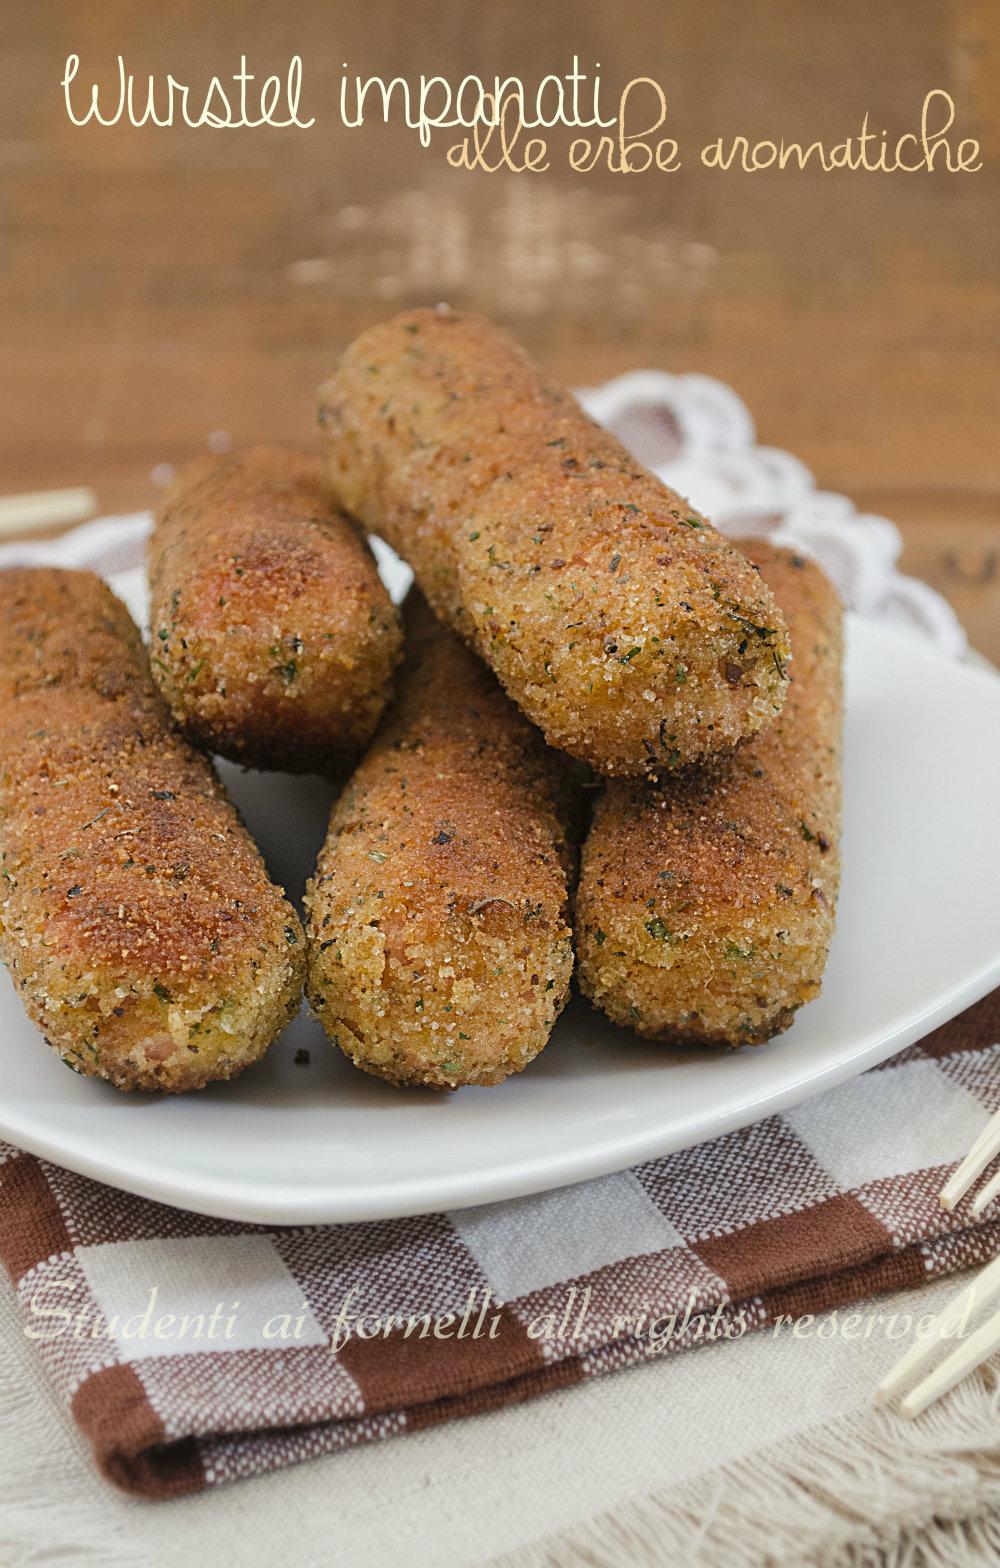 wurstel impanati alle erbe aromatiche ricetta wurstel fritti tipo corn dogs americani ricetta